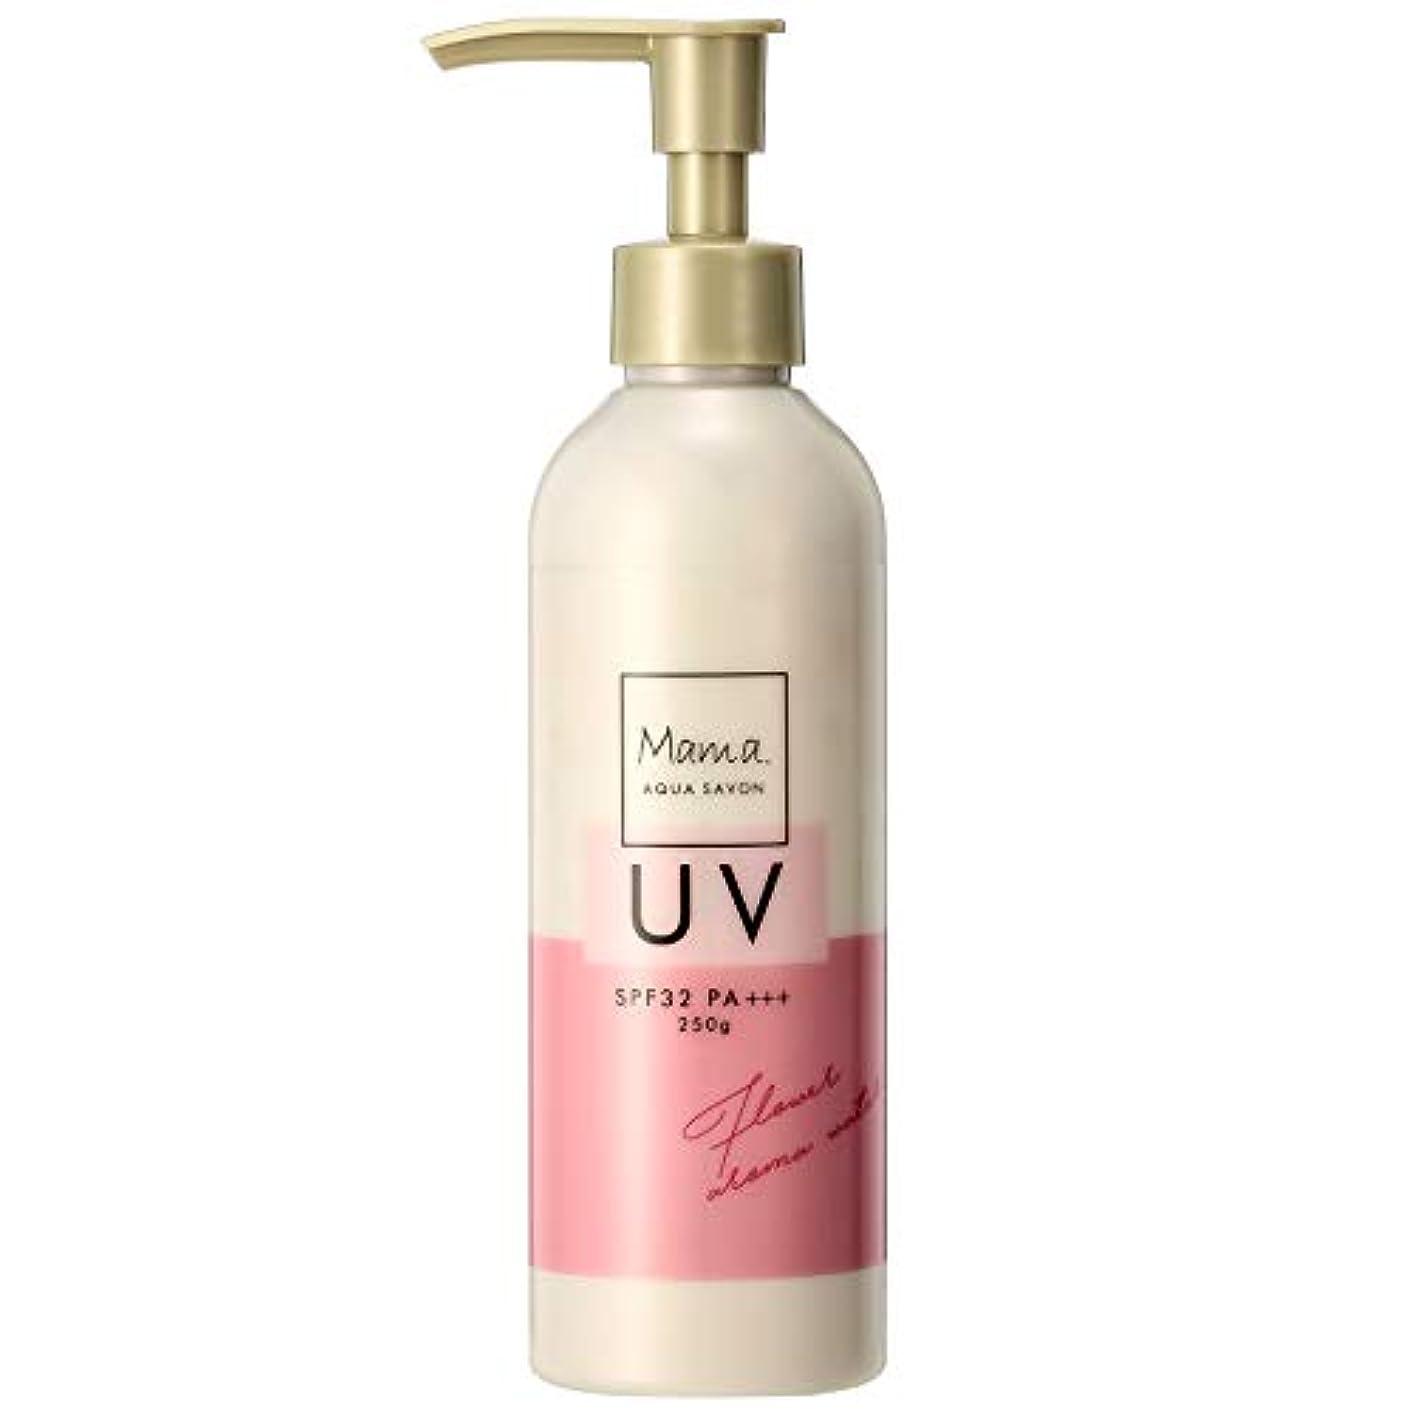 カトリック教徒ピッチャータックママアクアシャボン UVモイストジェル フラワーアロマウォーターの香り 19S 250g